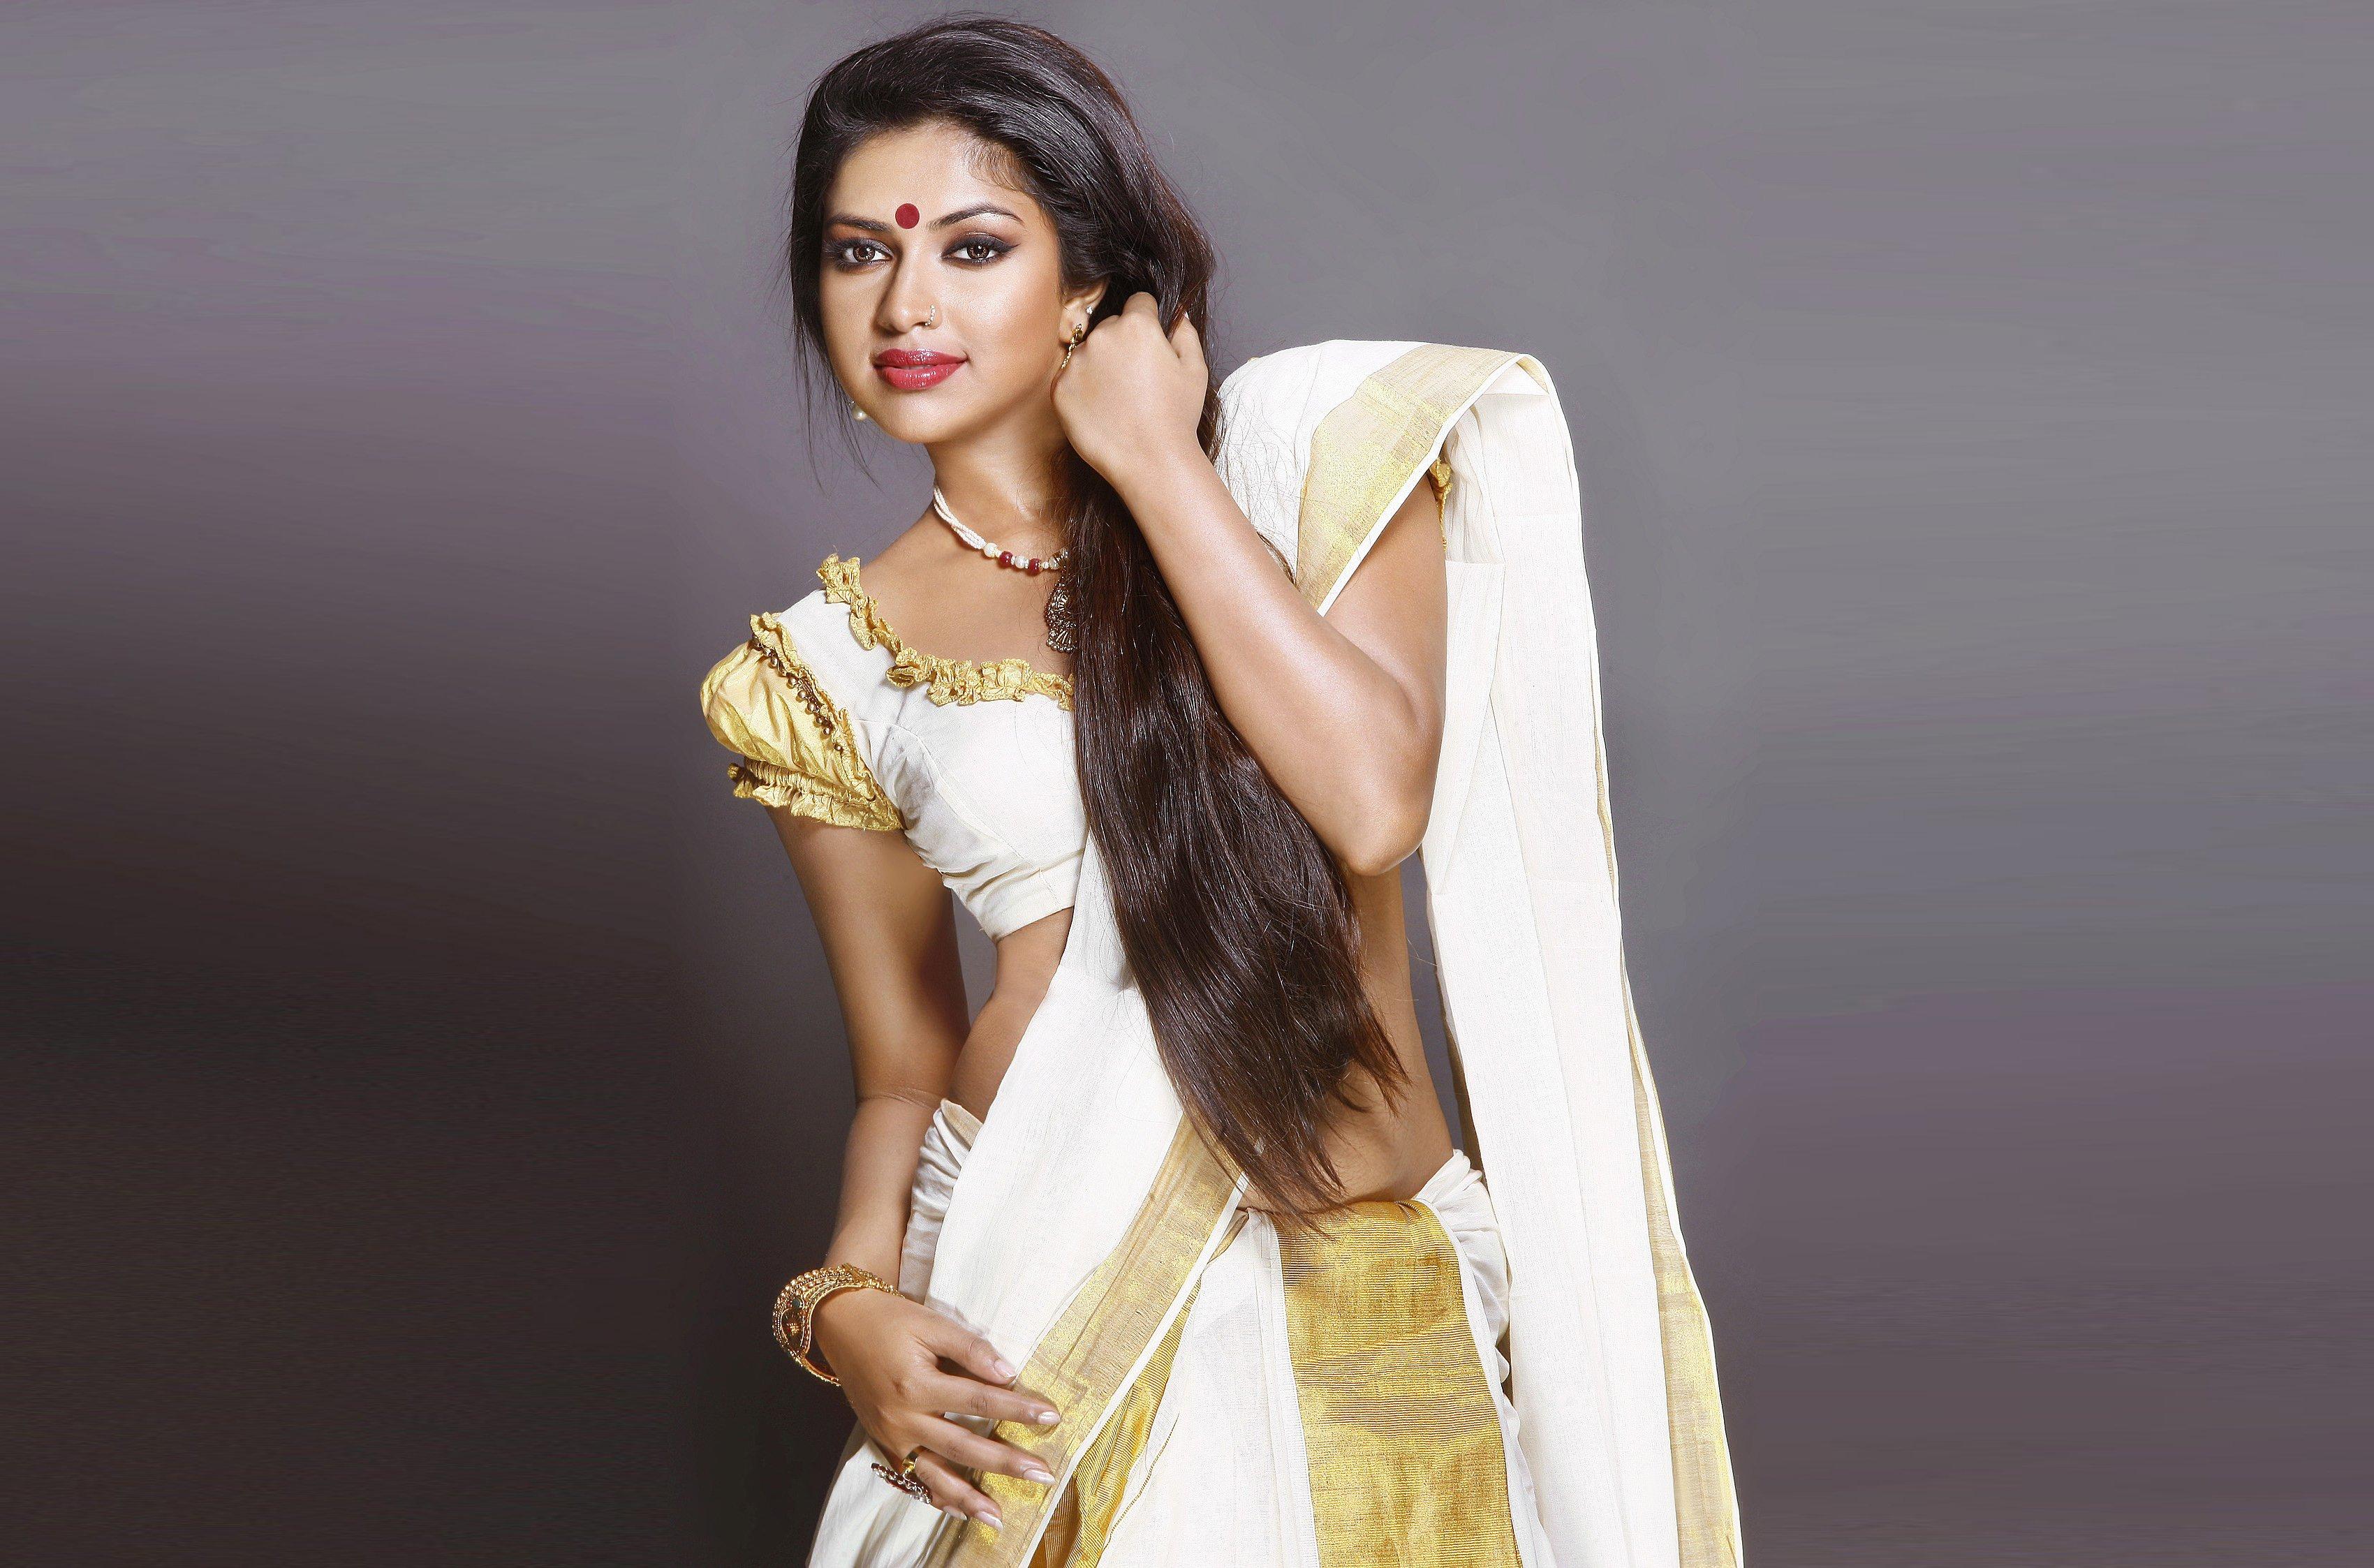 Эротичиский фото индиский актрисы 1 фотография